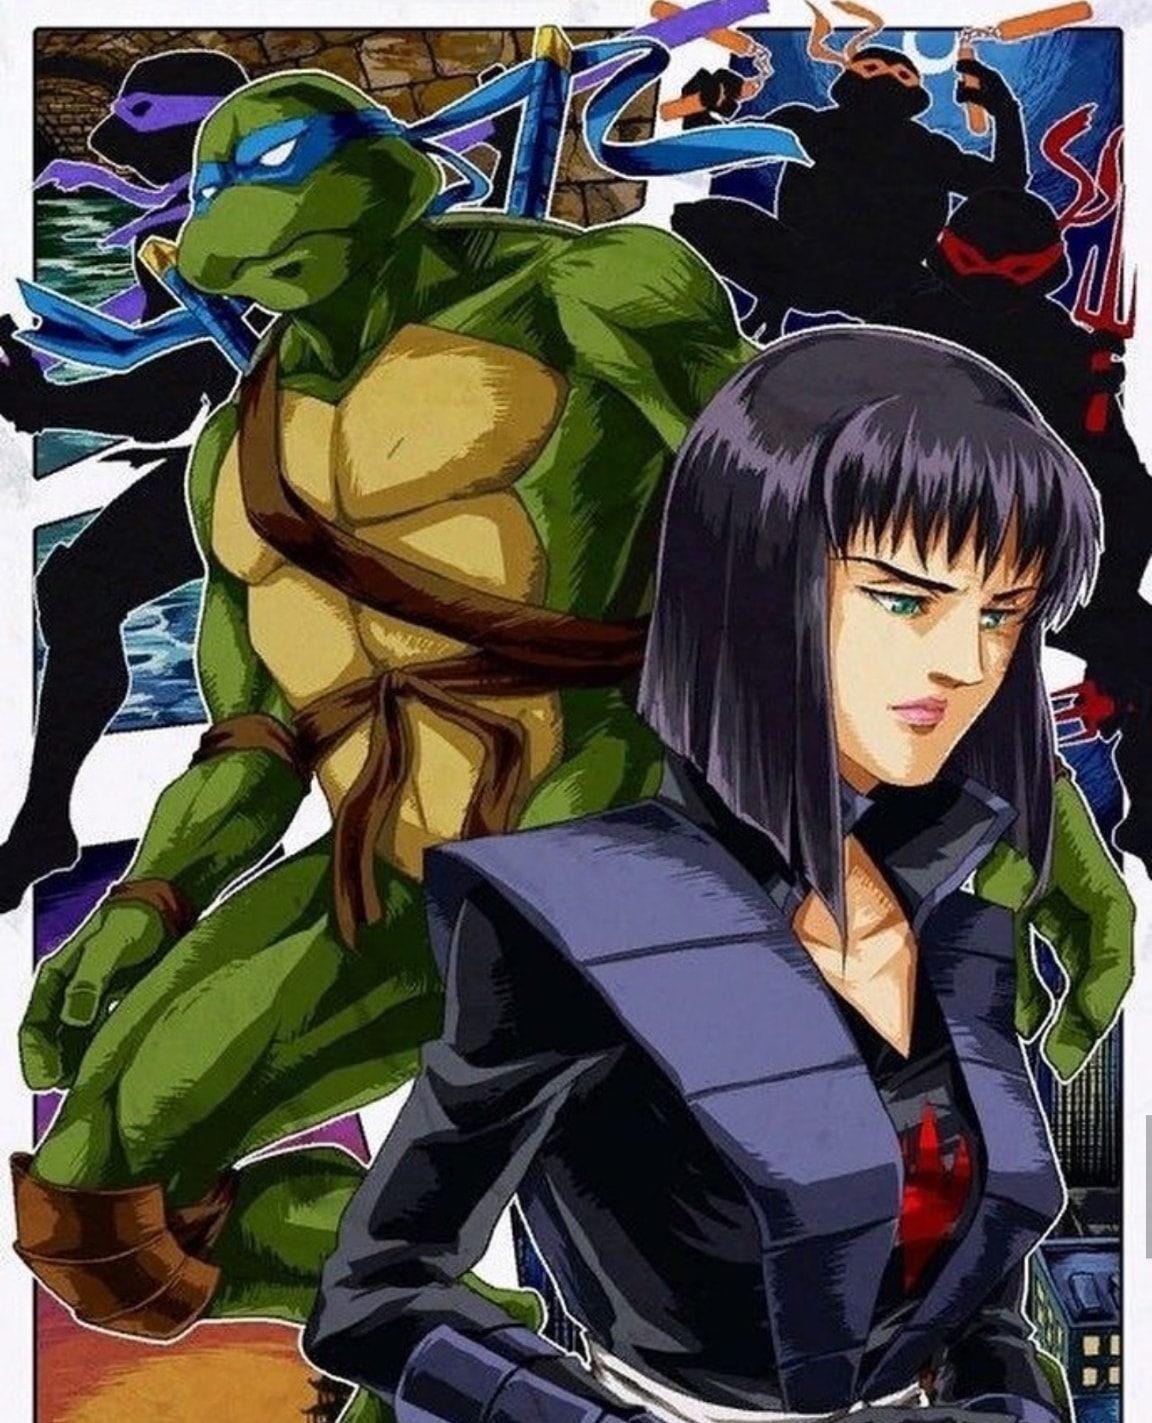 Leonardo Tmnt Teenage Mutant Ninja Turtles Image 2738473